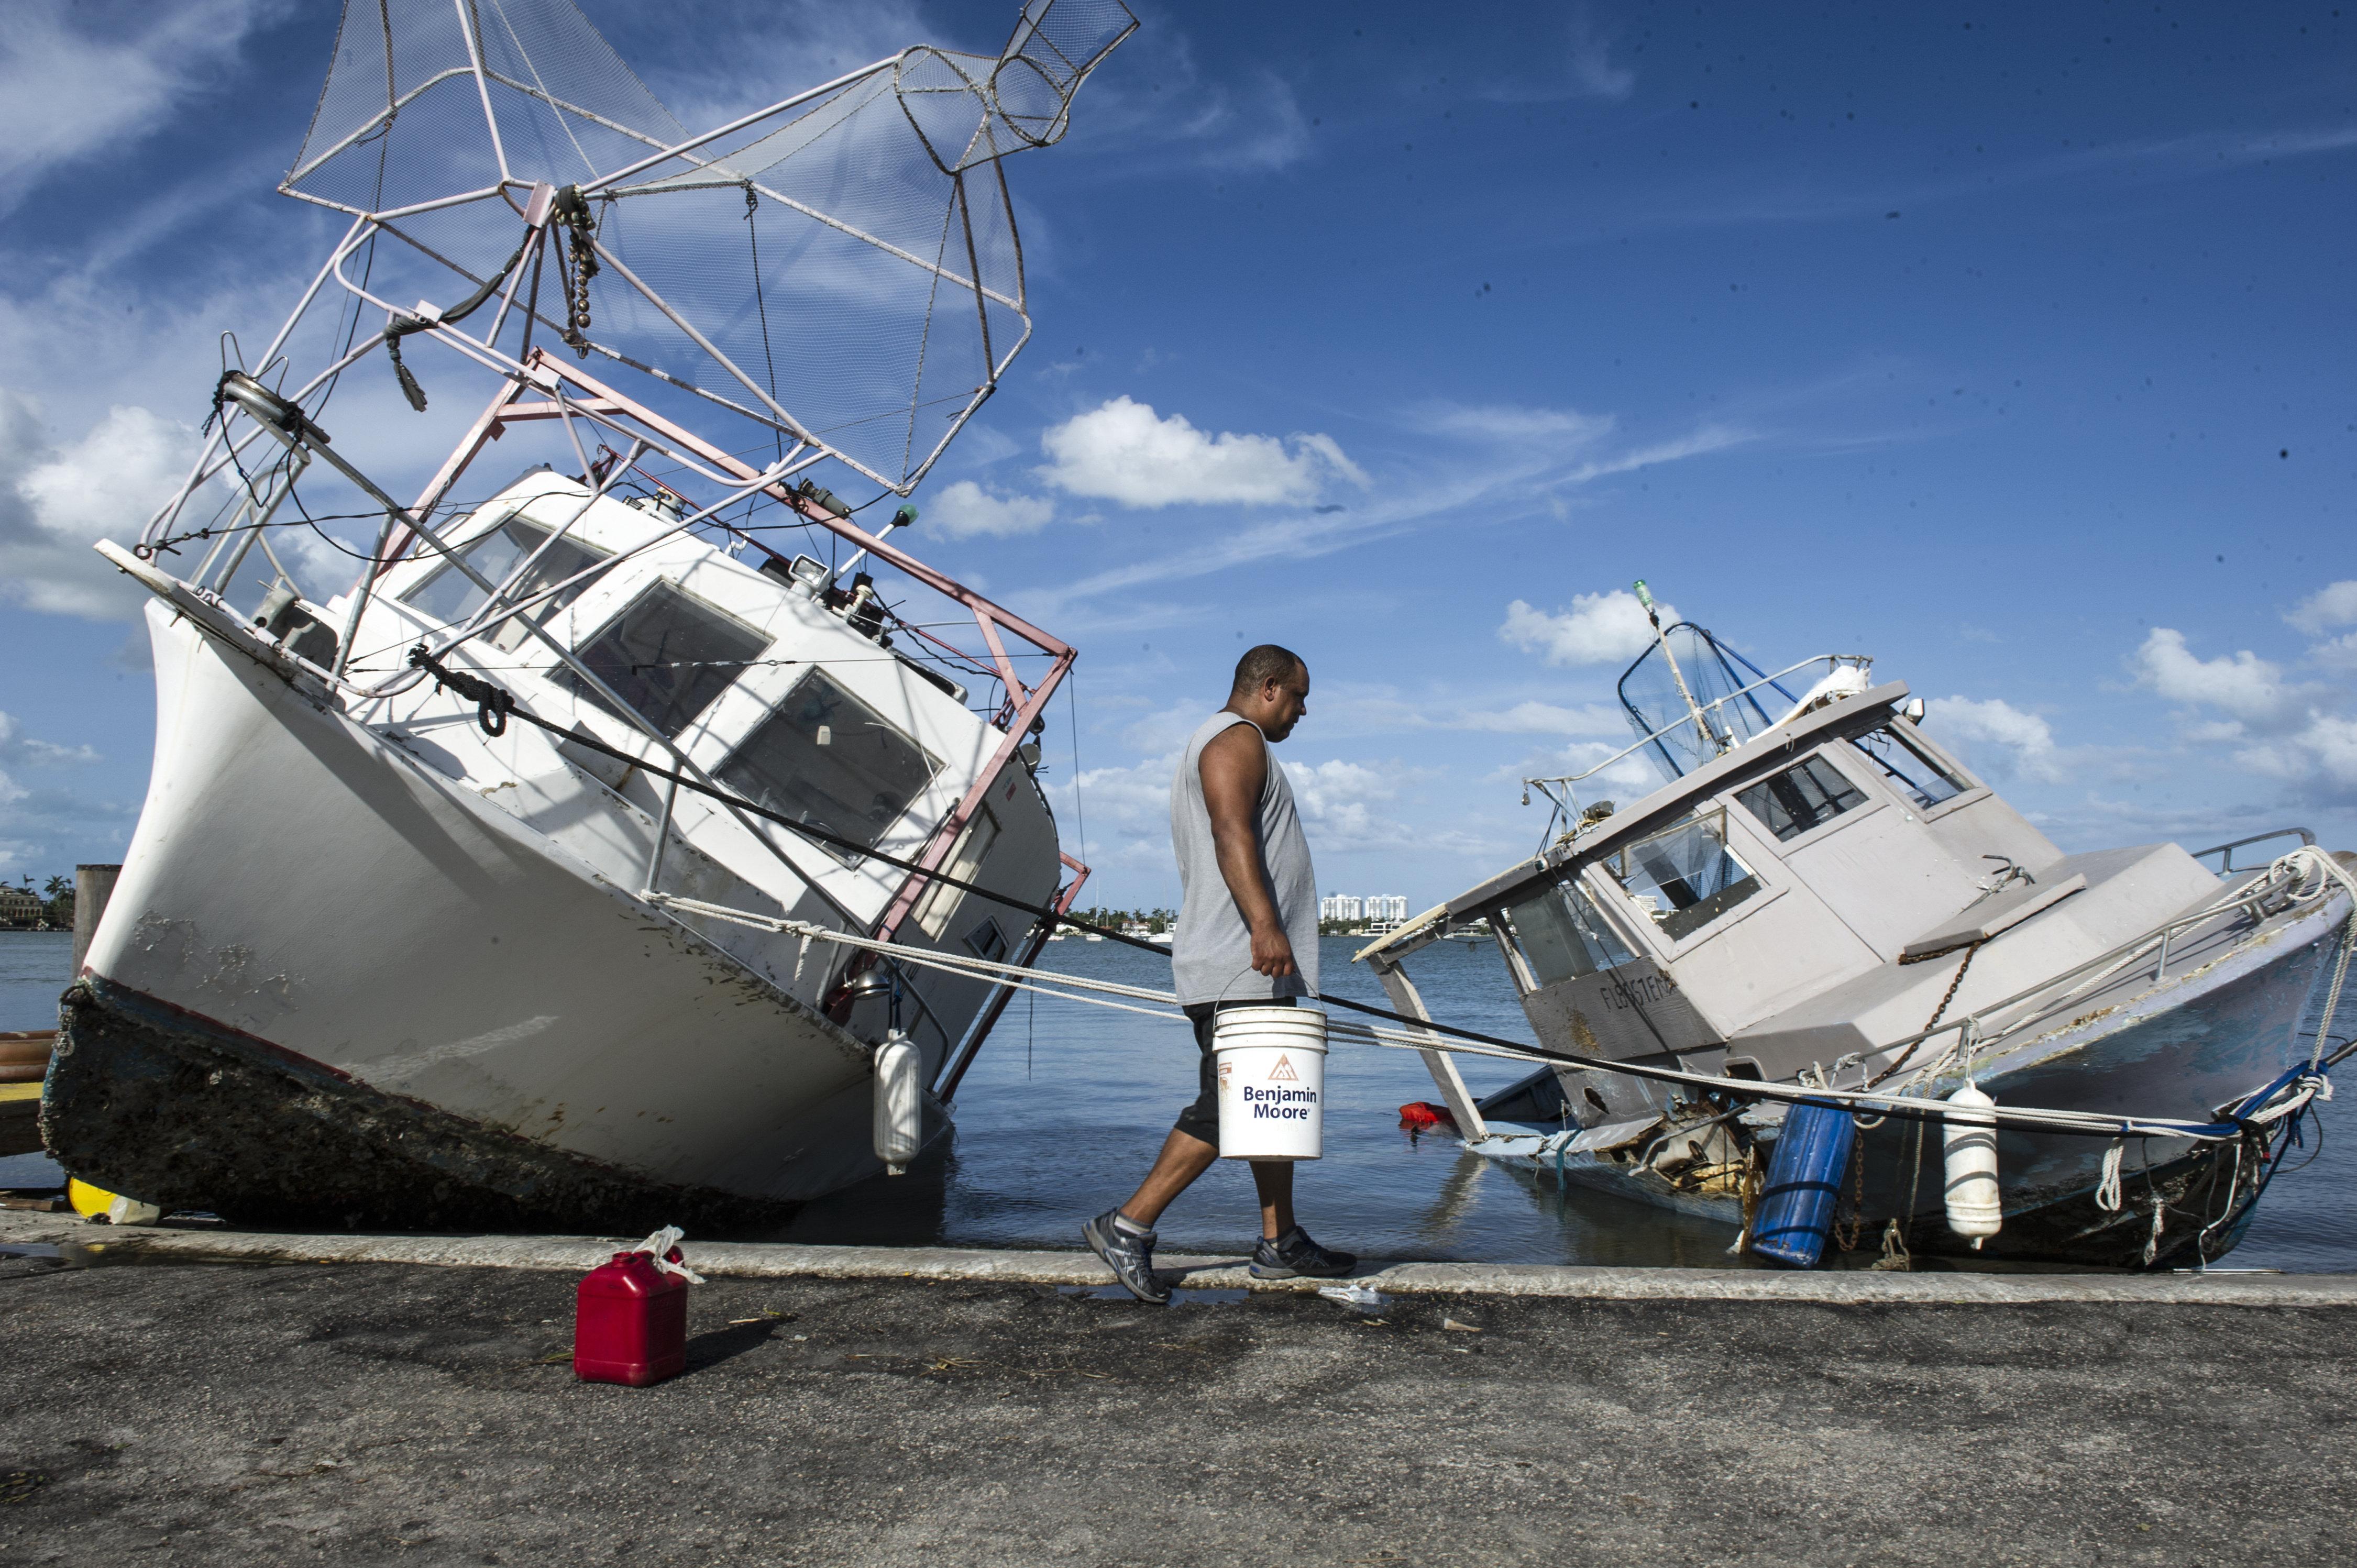 Jaime Prado camina enfront de dos vaixells encallats a la riba de Watson Island, a Miami Beach, Florida (EUA). /GIORGIO VIERA